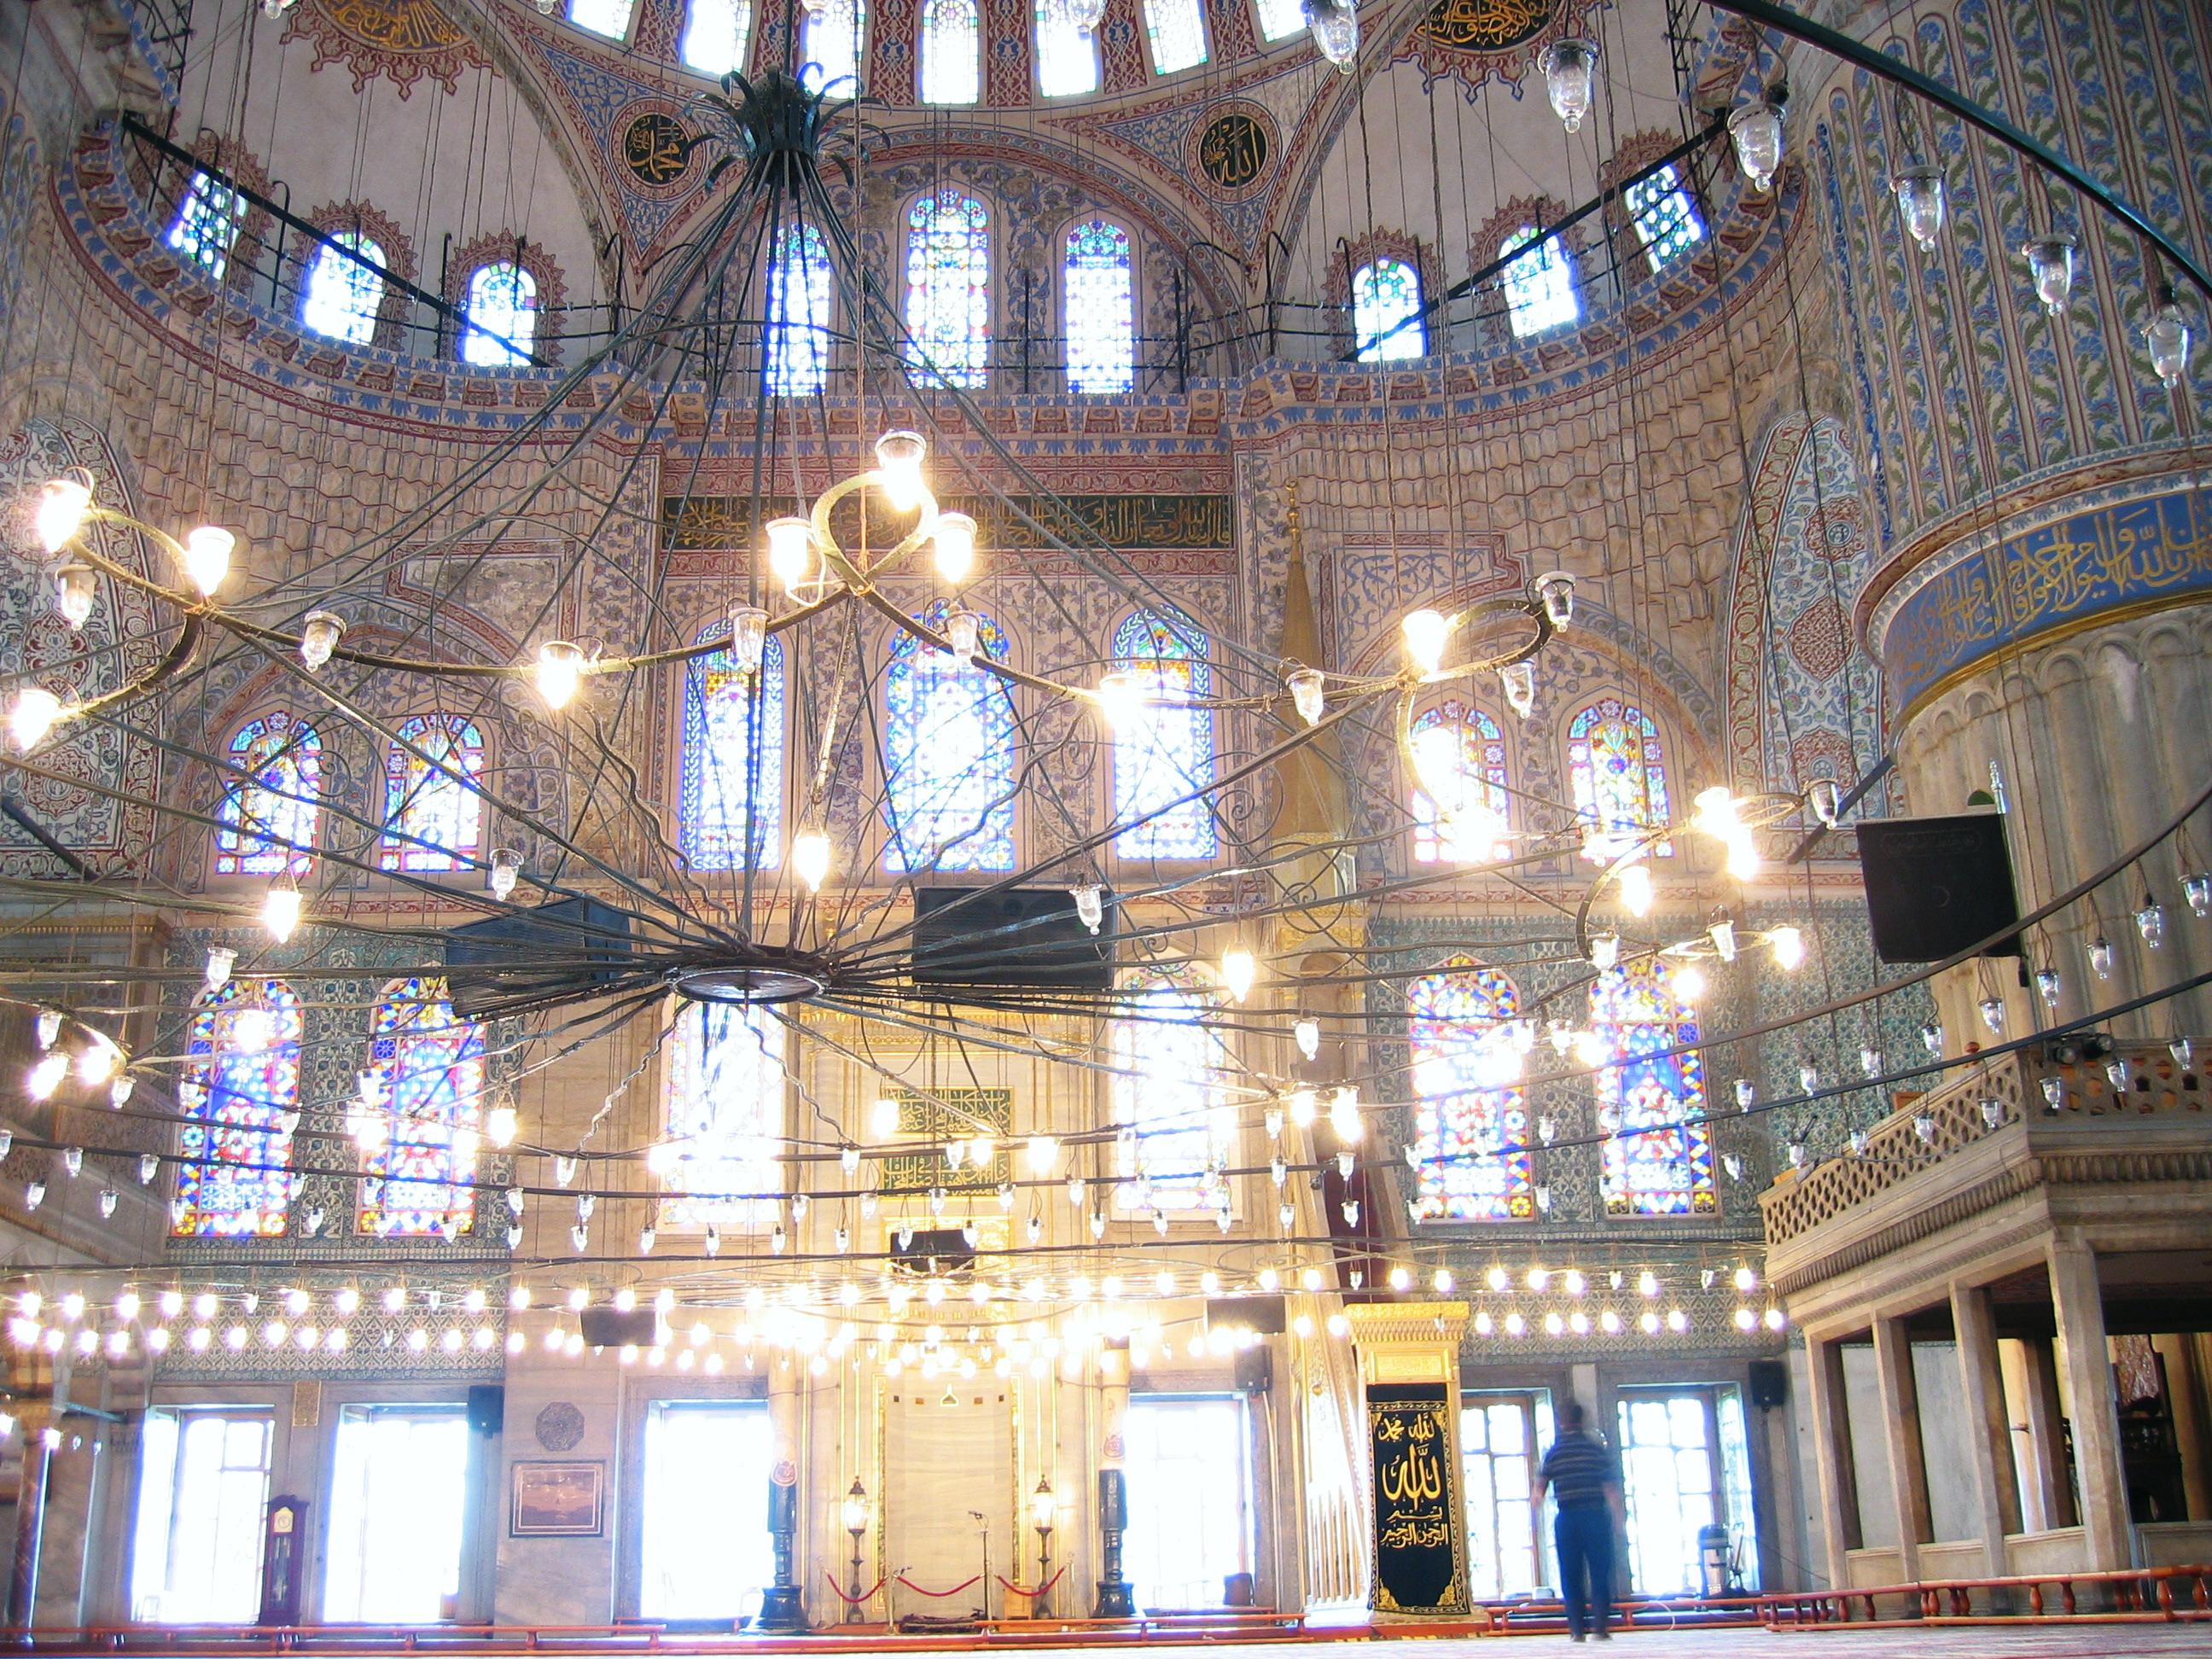 صورة من الداخل لمسجد السلطان أحمد بتركيا.